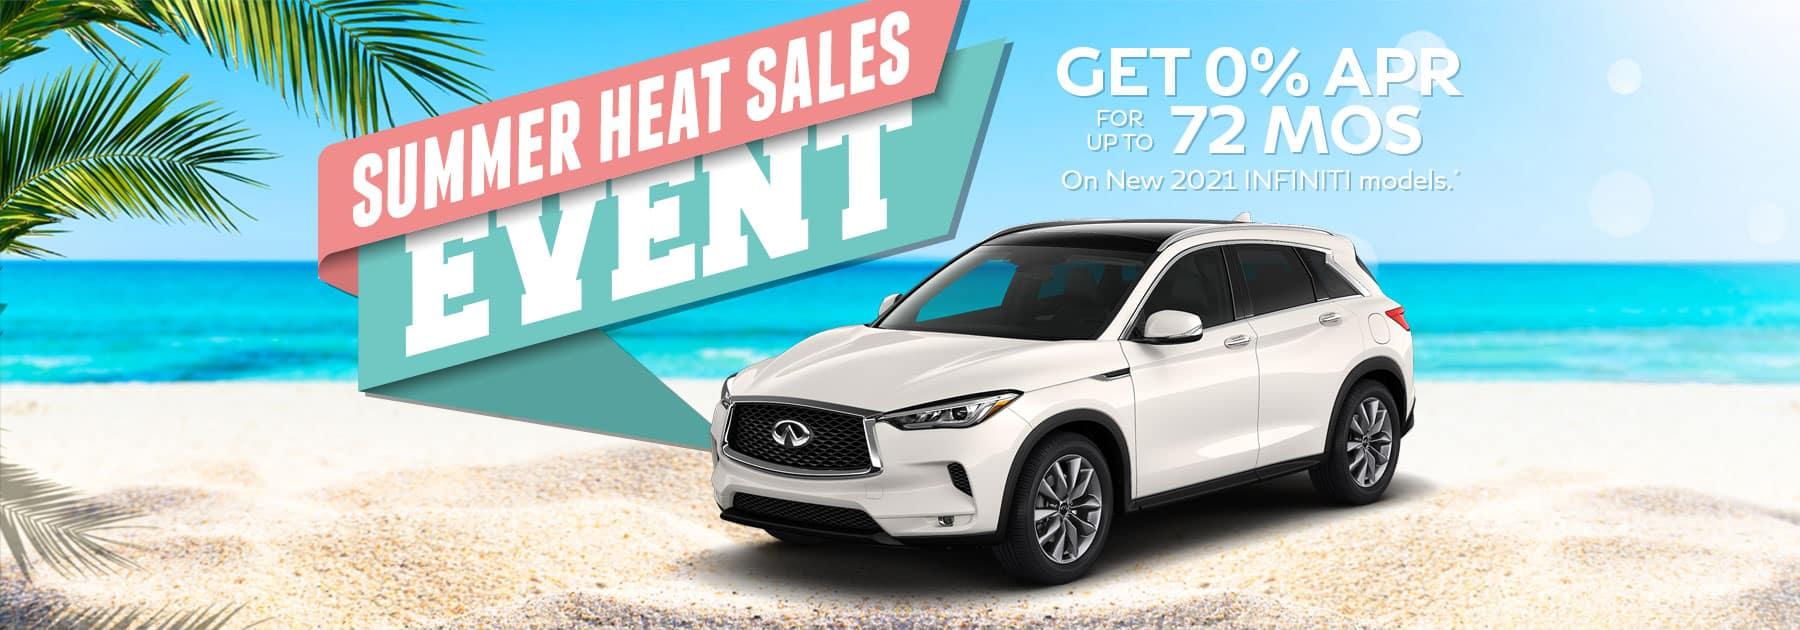 SDInf-hl-DI-summer-sales-event-6-21-specials